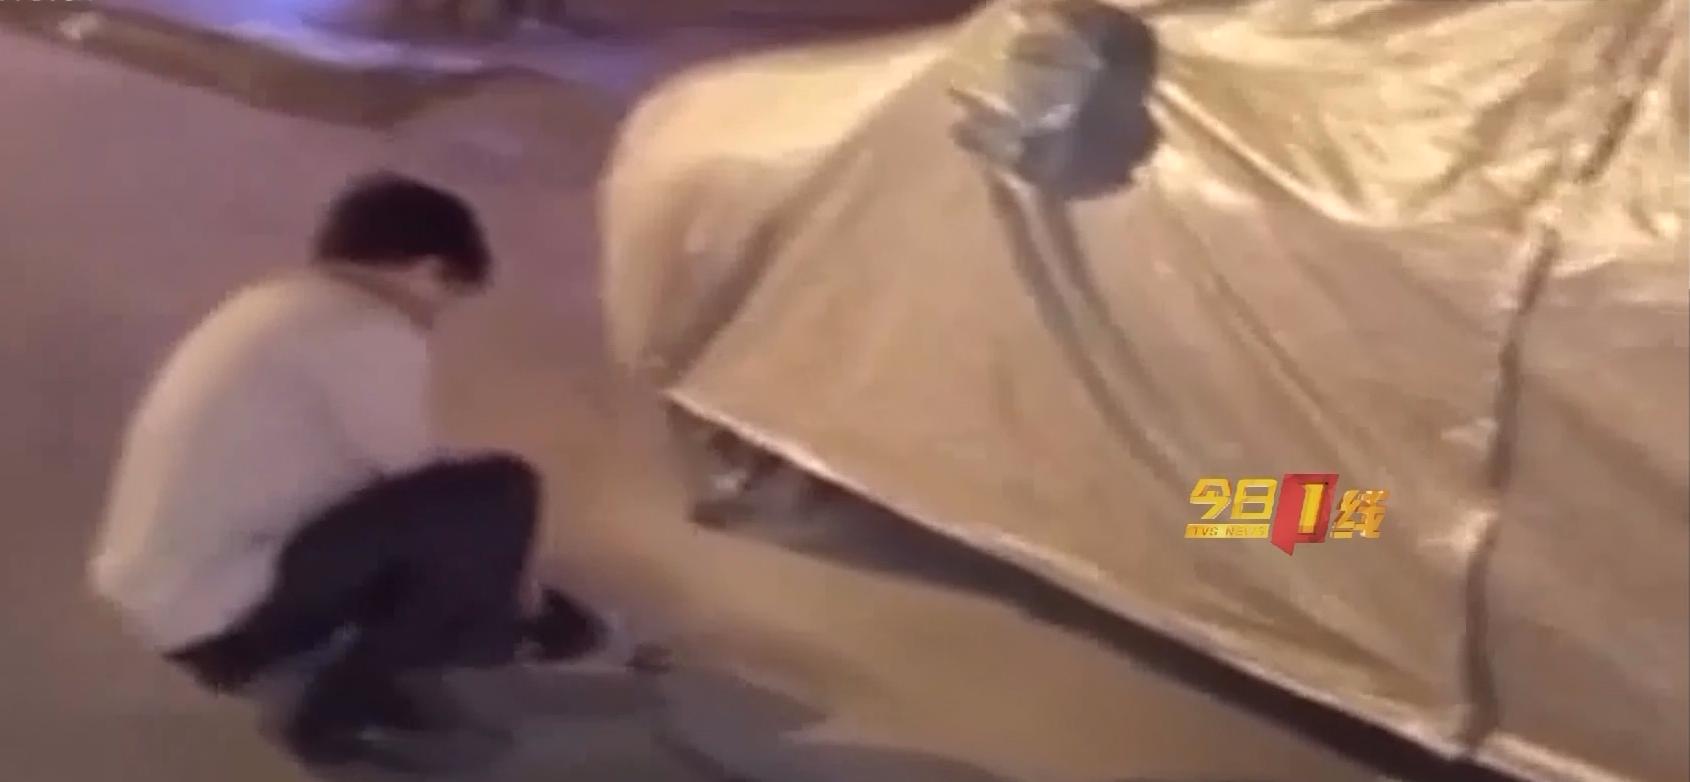 潮州:奇葩男熬夜抹停车线 街坊报警